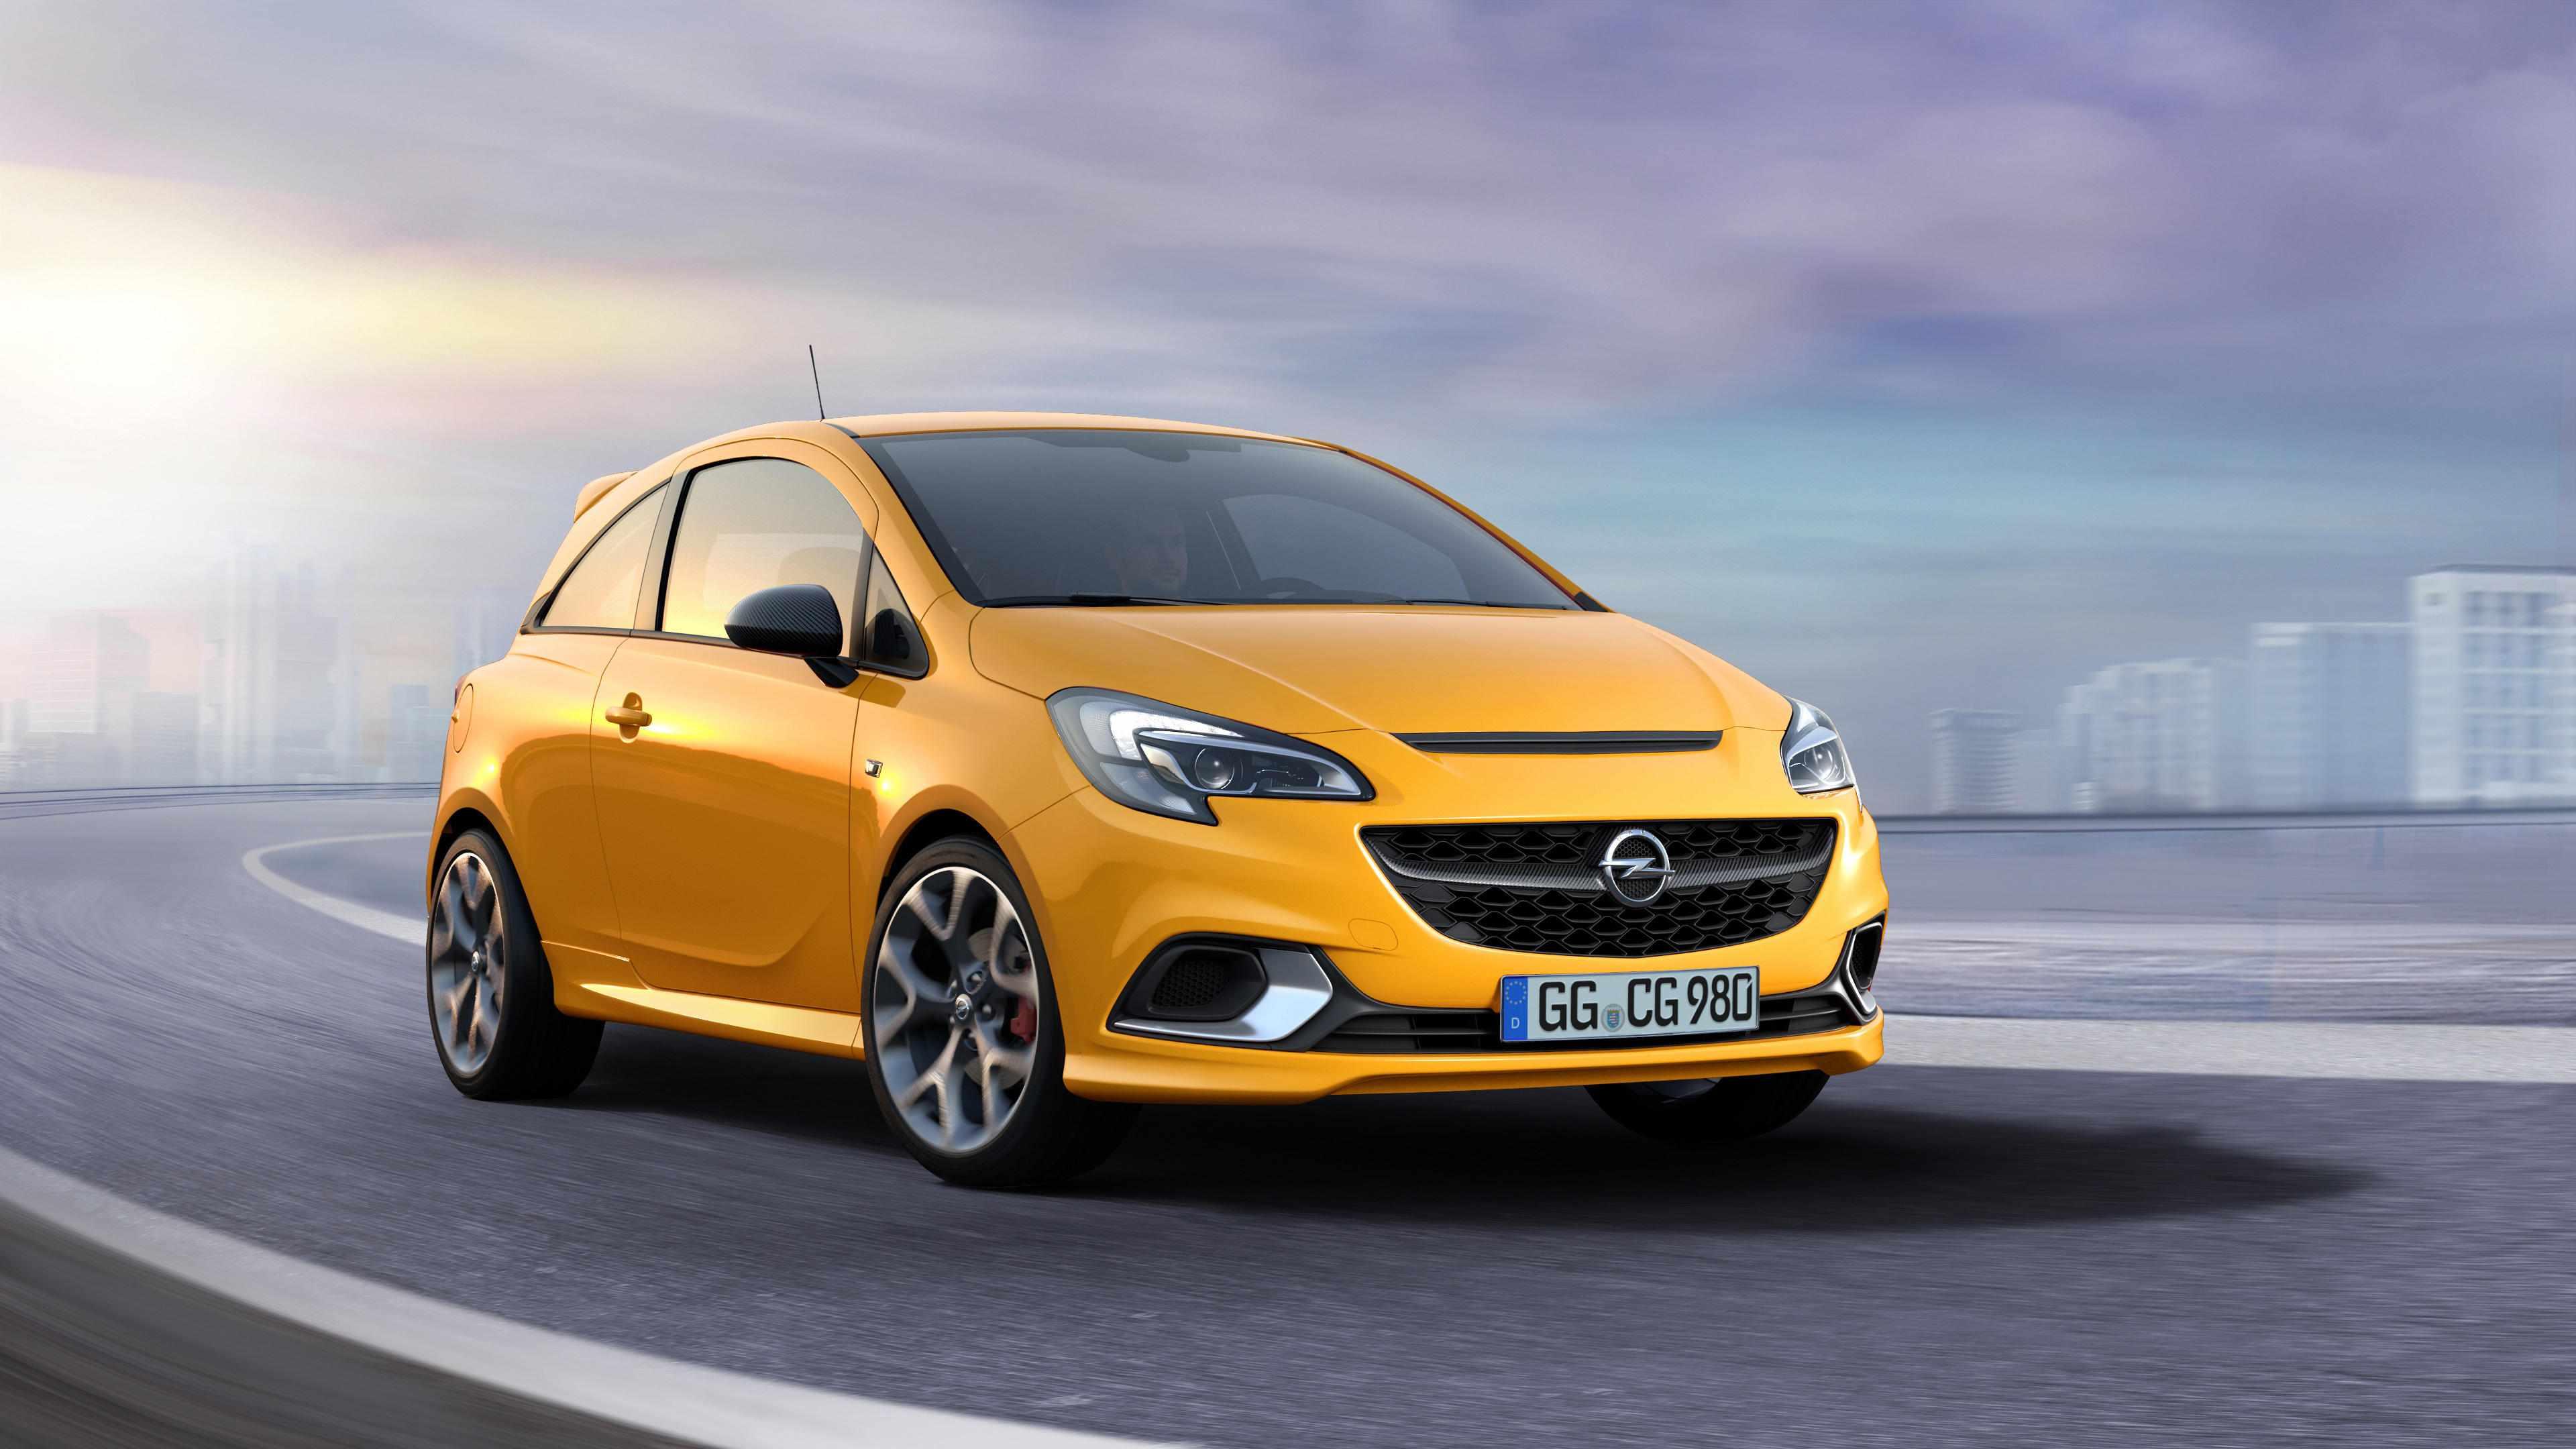 Noul Opel Corsa GSi ajunge și în România. Vezi la ce preț va fi disponibil